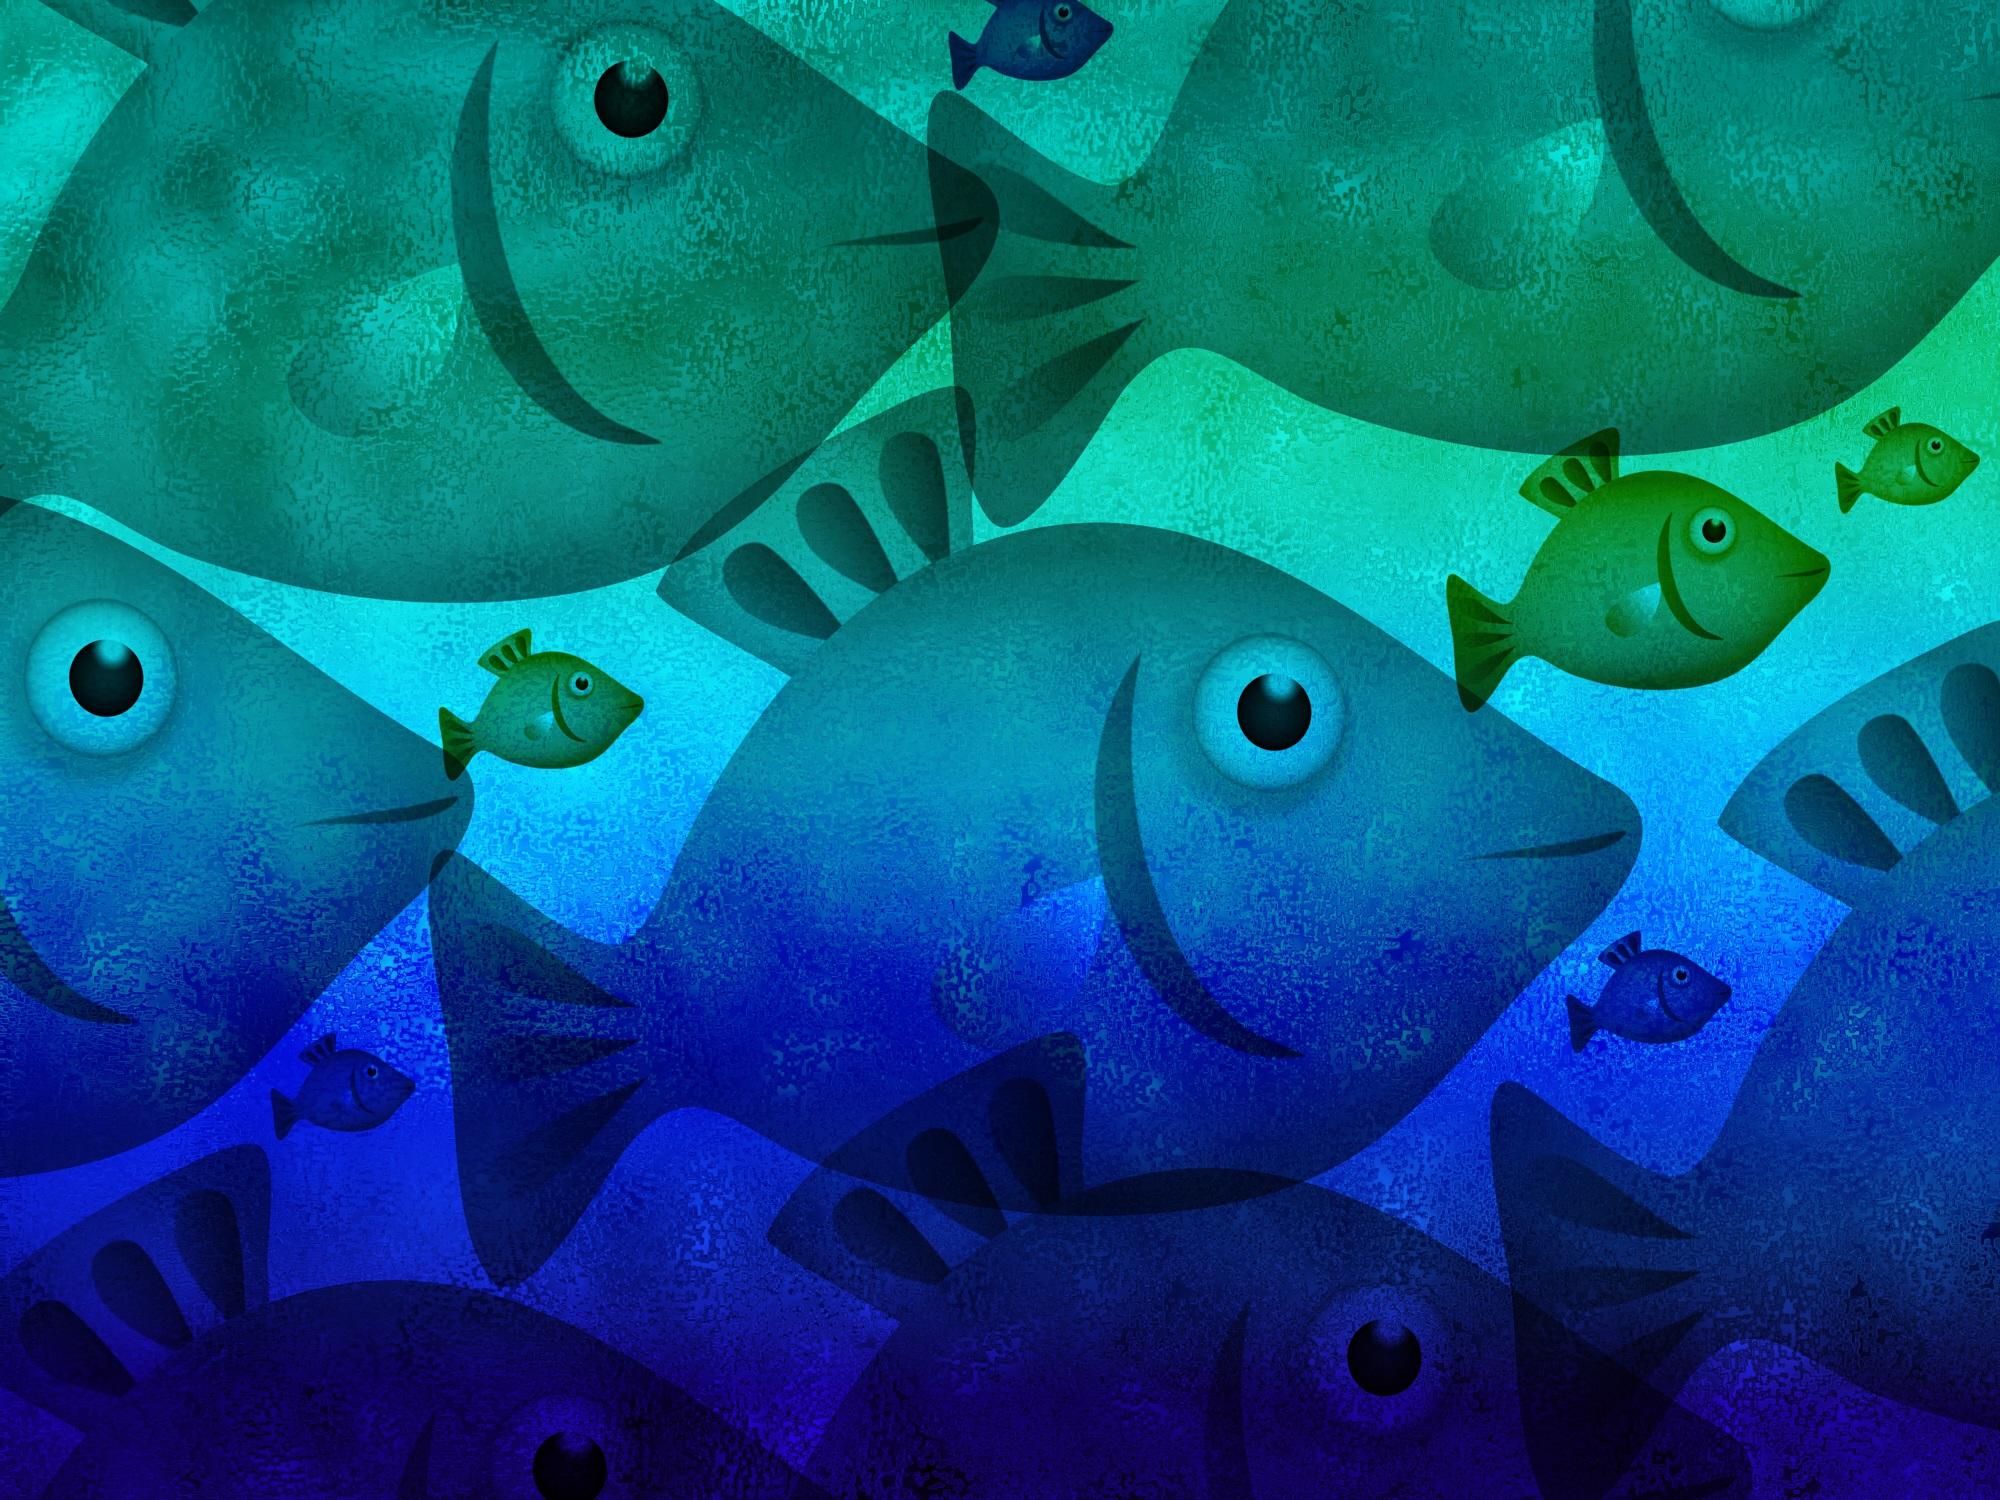 рыбы картинки на обложку фигура